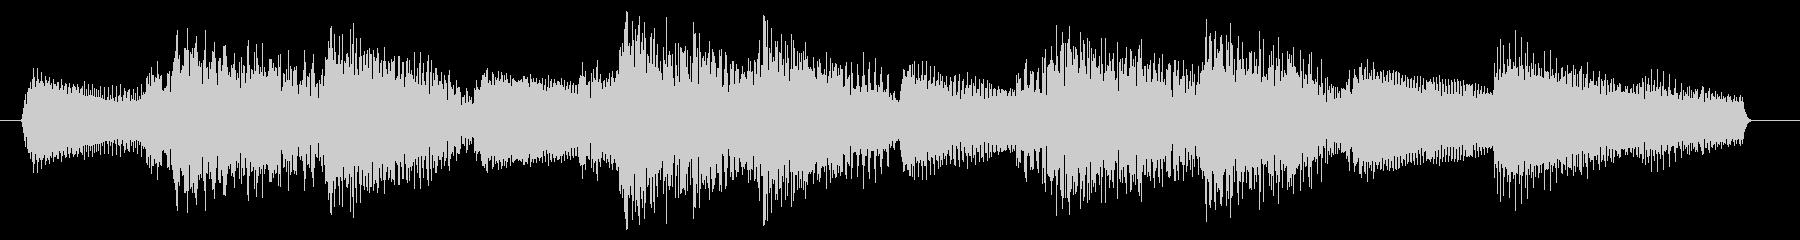 PianoSolo_05sの未再生の波形